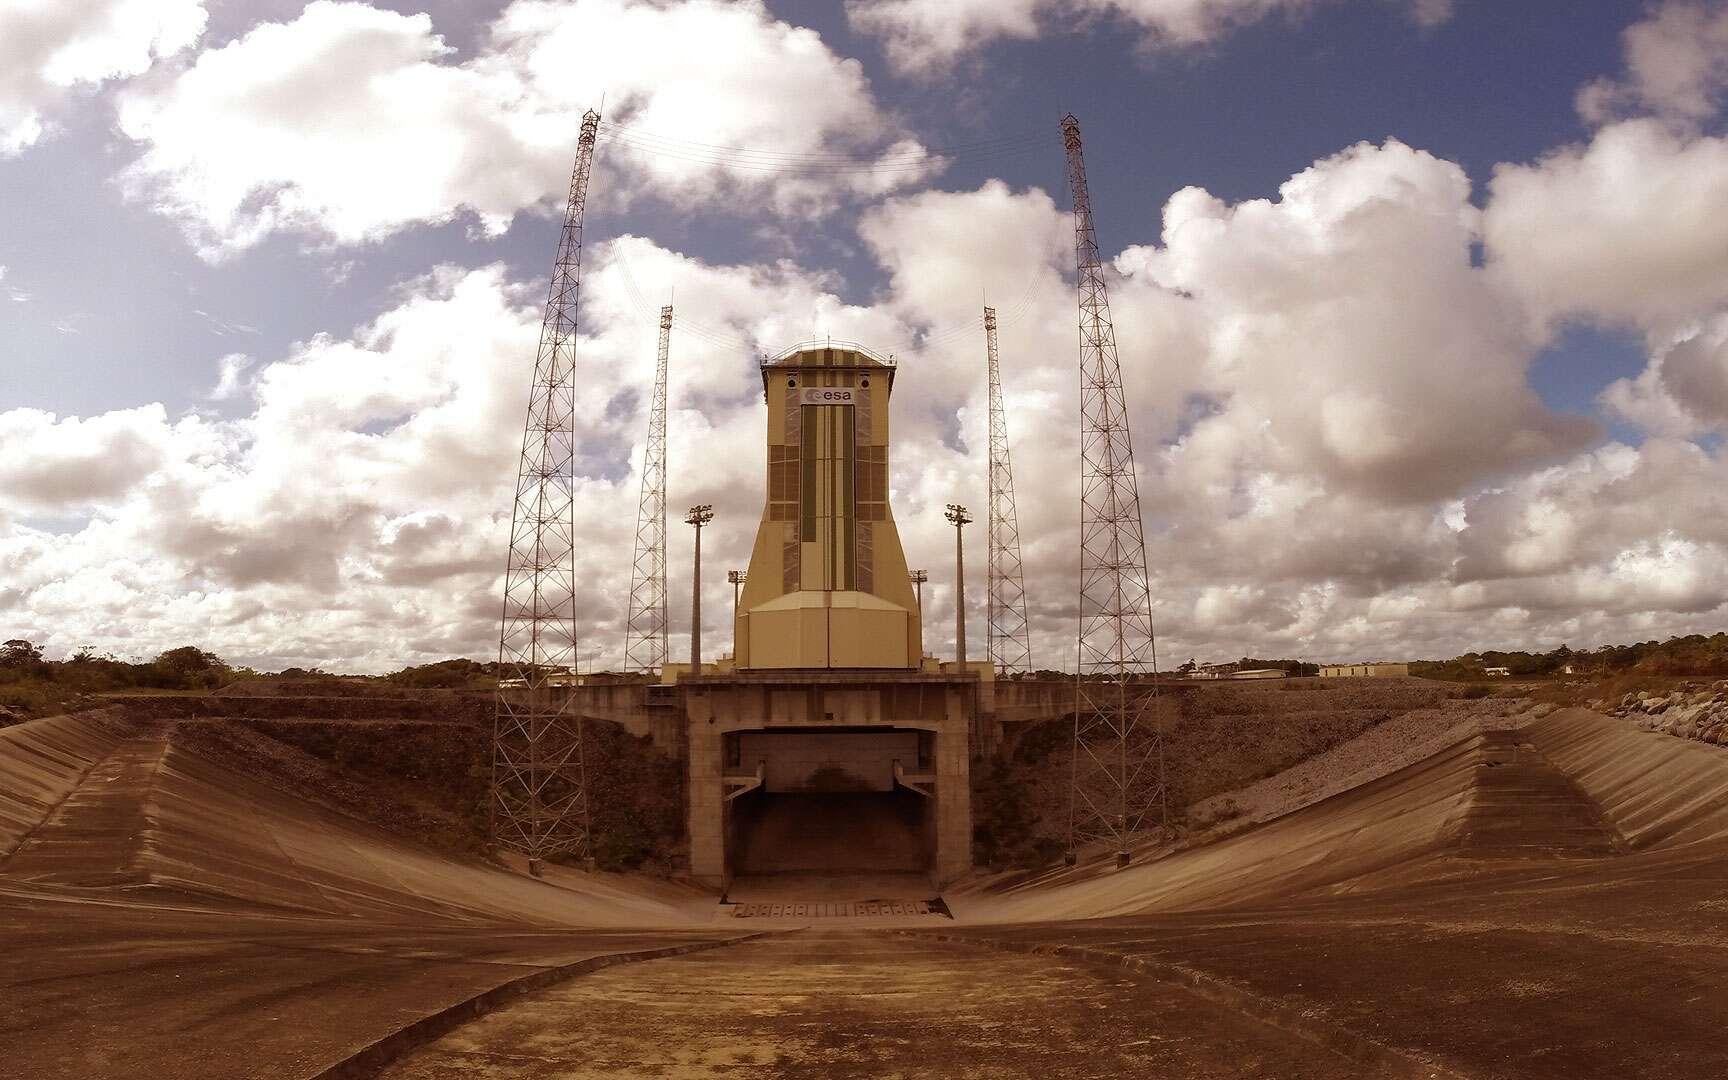 Emplacement de la Base de lancement de Soyuz en Guyane (2003). Cette Base se situe à une vingtaine de kilomètres à vol d'oiseau des installations au sol dédiées à Ariane 5 (ELA-3) sur le territoire de la commune de Sinnamary. Le site couvre une superficie d'environ 120 hectares et près de 20.000 m² d'infrastructures seront construites. Crédits Esa/S. Corvaja